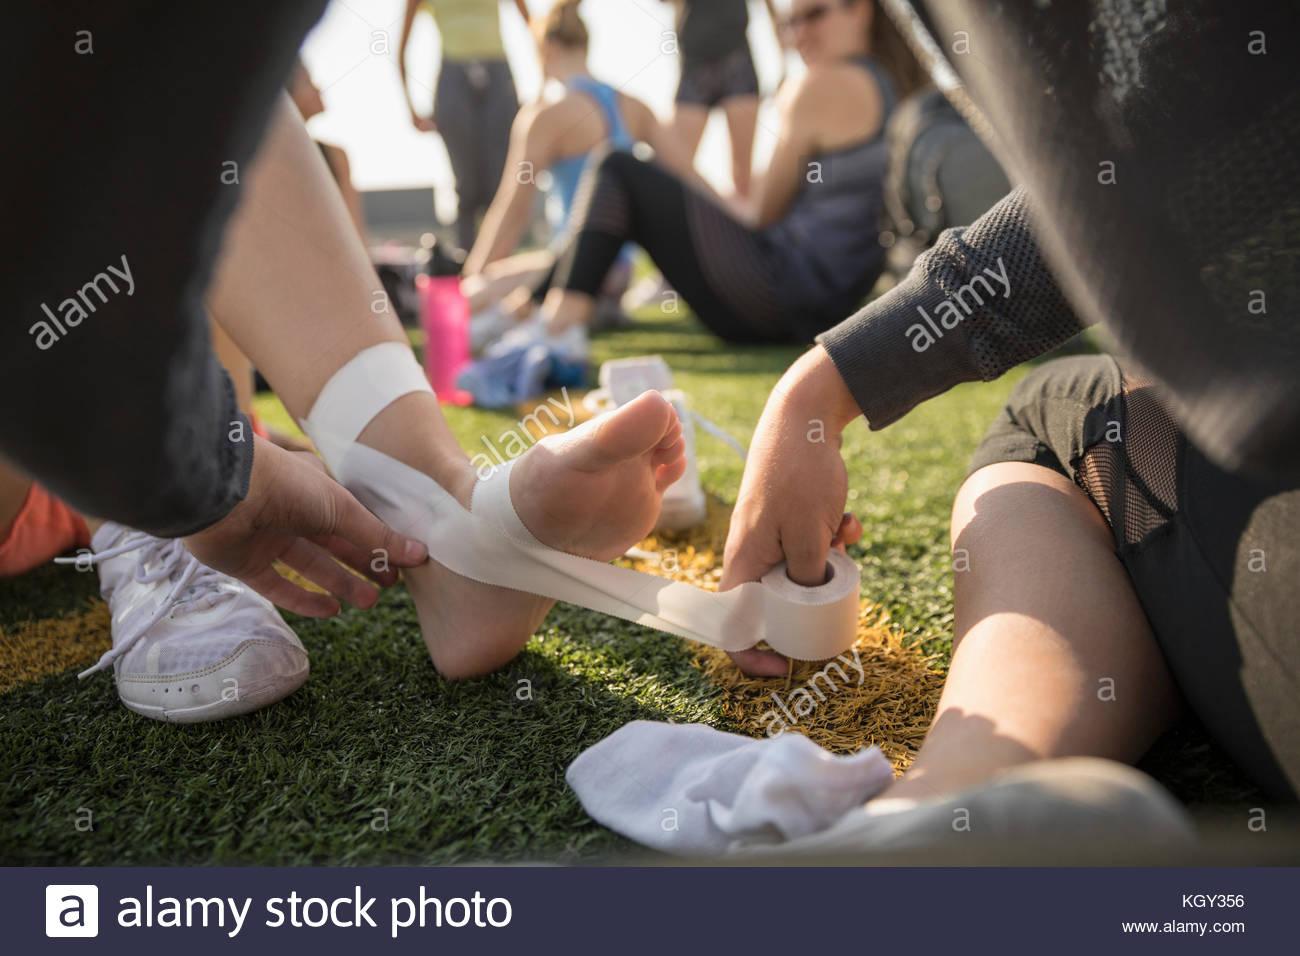 Adolescente high school equipo de animadoras encintar los pies y tobillos con cinta adhesiva. Imagen De Stock